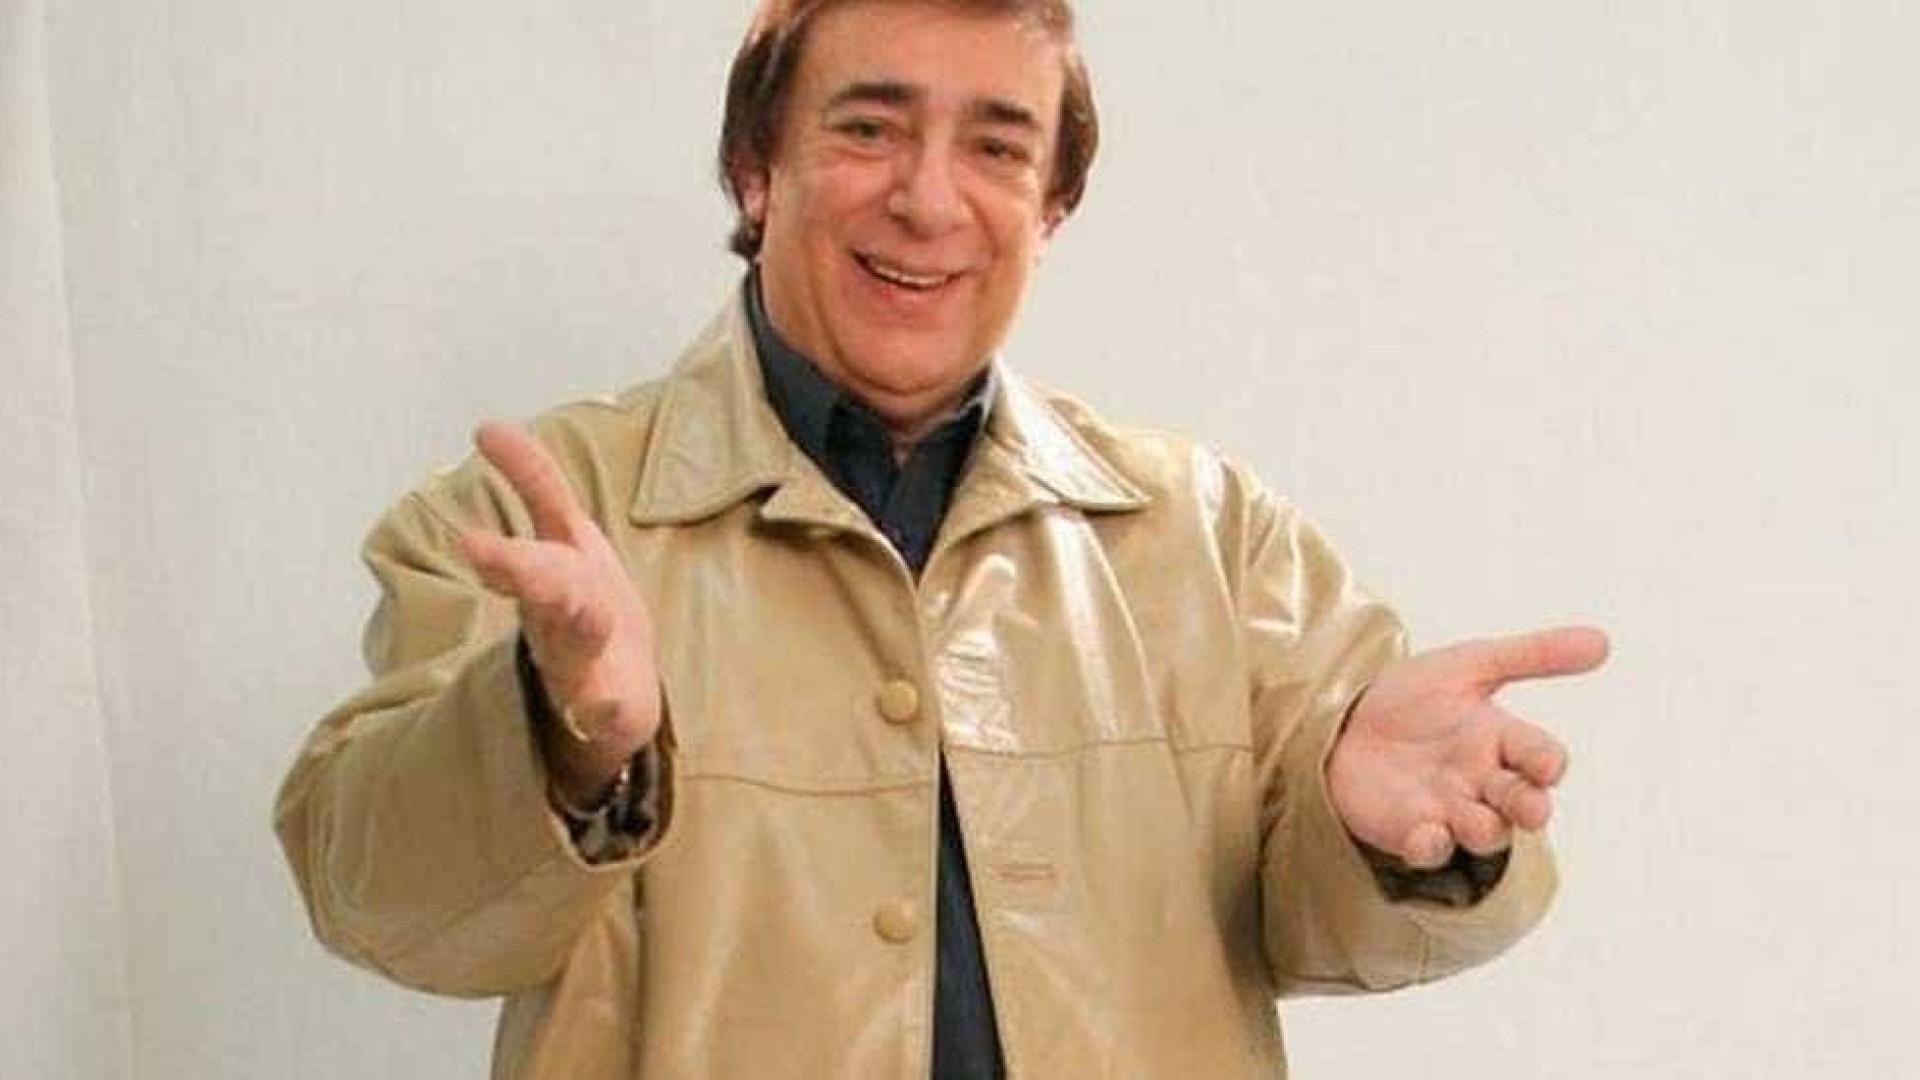 Justiça decide que Lombardi não era empregado de Silvio Santos